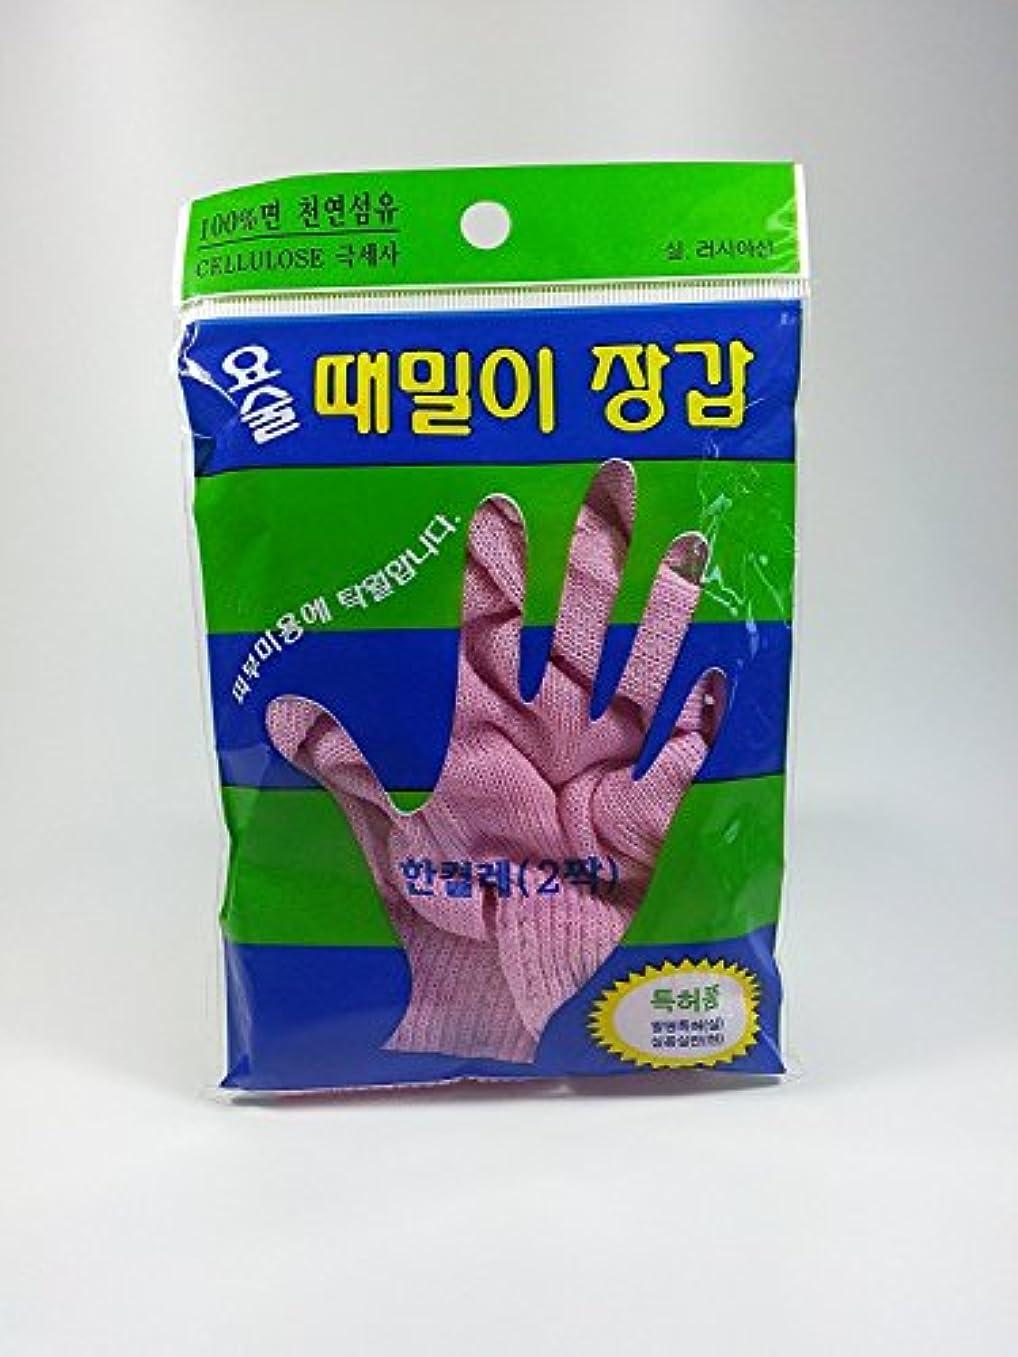 スカウト判読できないサーマルジョンジュン産業 韓国式 垢すり 手袋 バスグローブ 5本指 ボディスクラブ 100% 天然セルロース繊維製 ???? ??????? Magic Korean Body Back Scrub [並行輸入品]